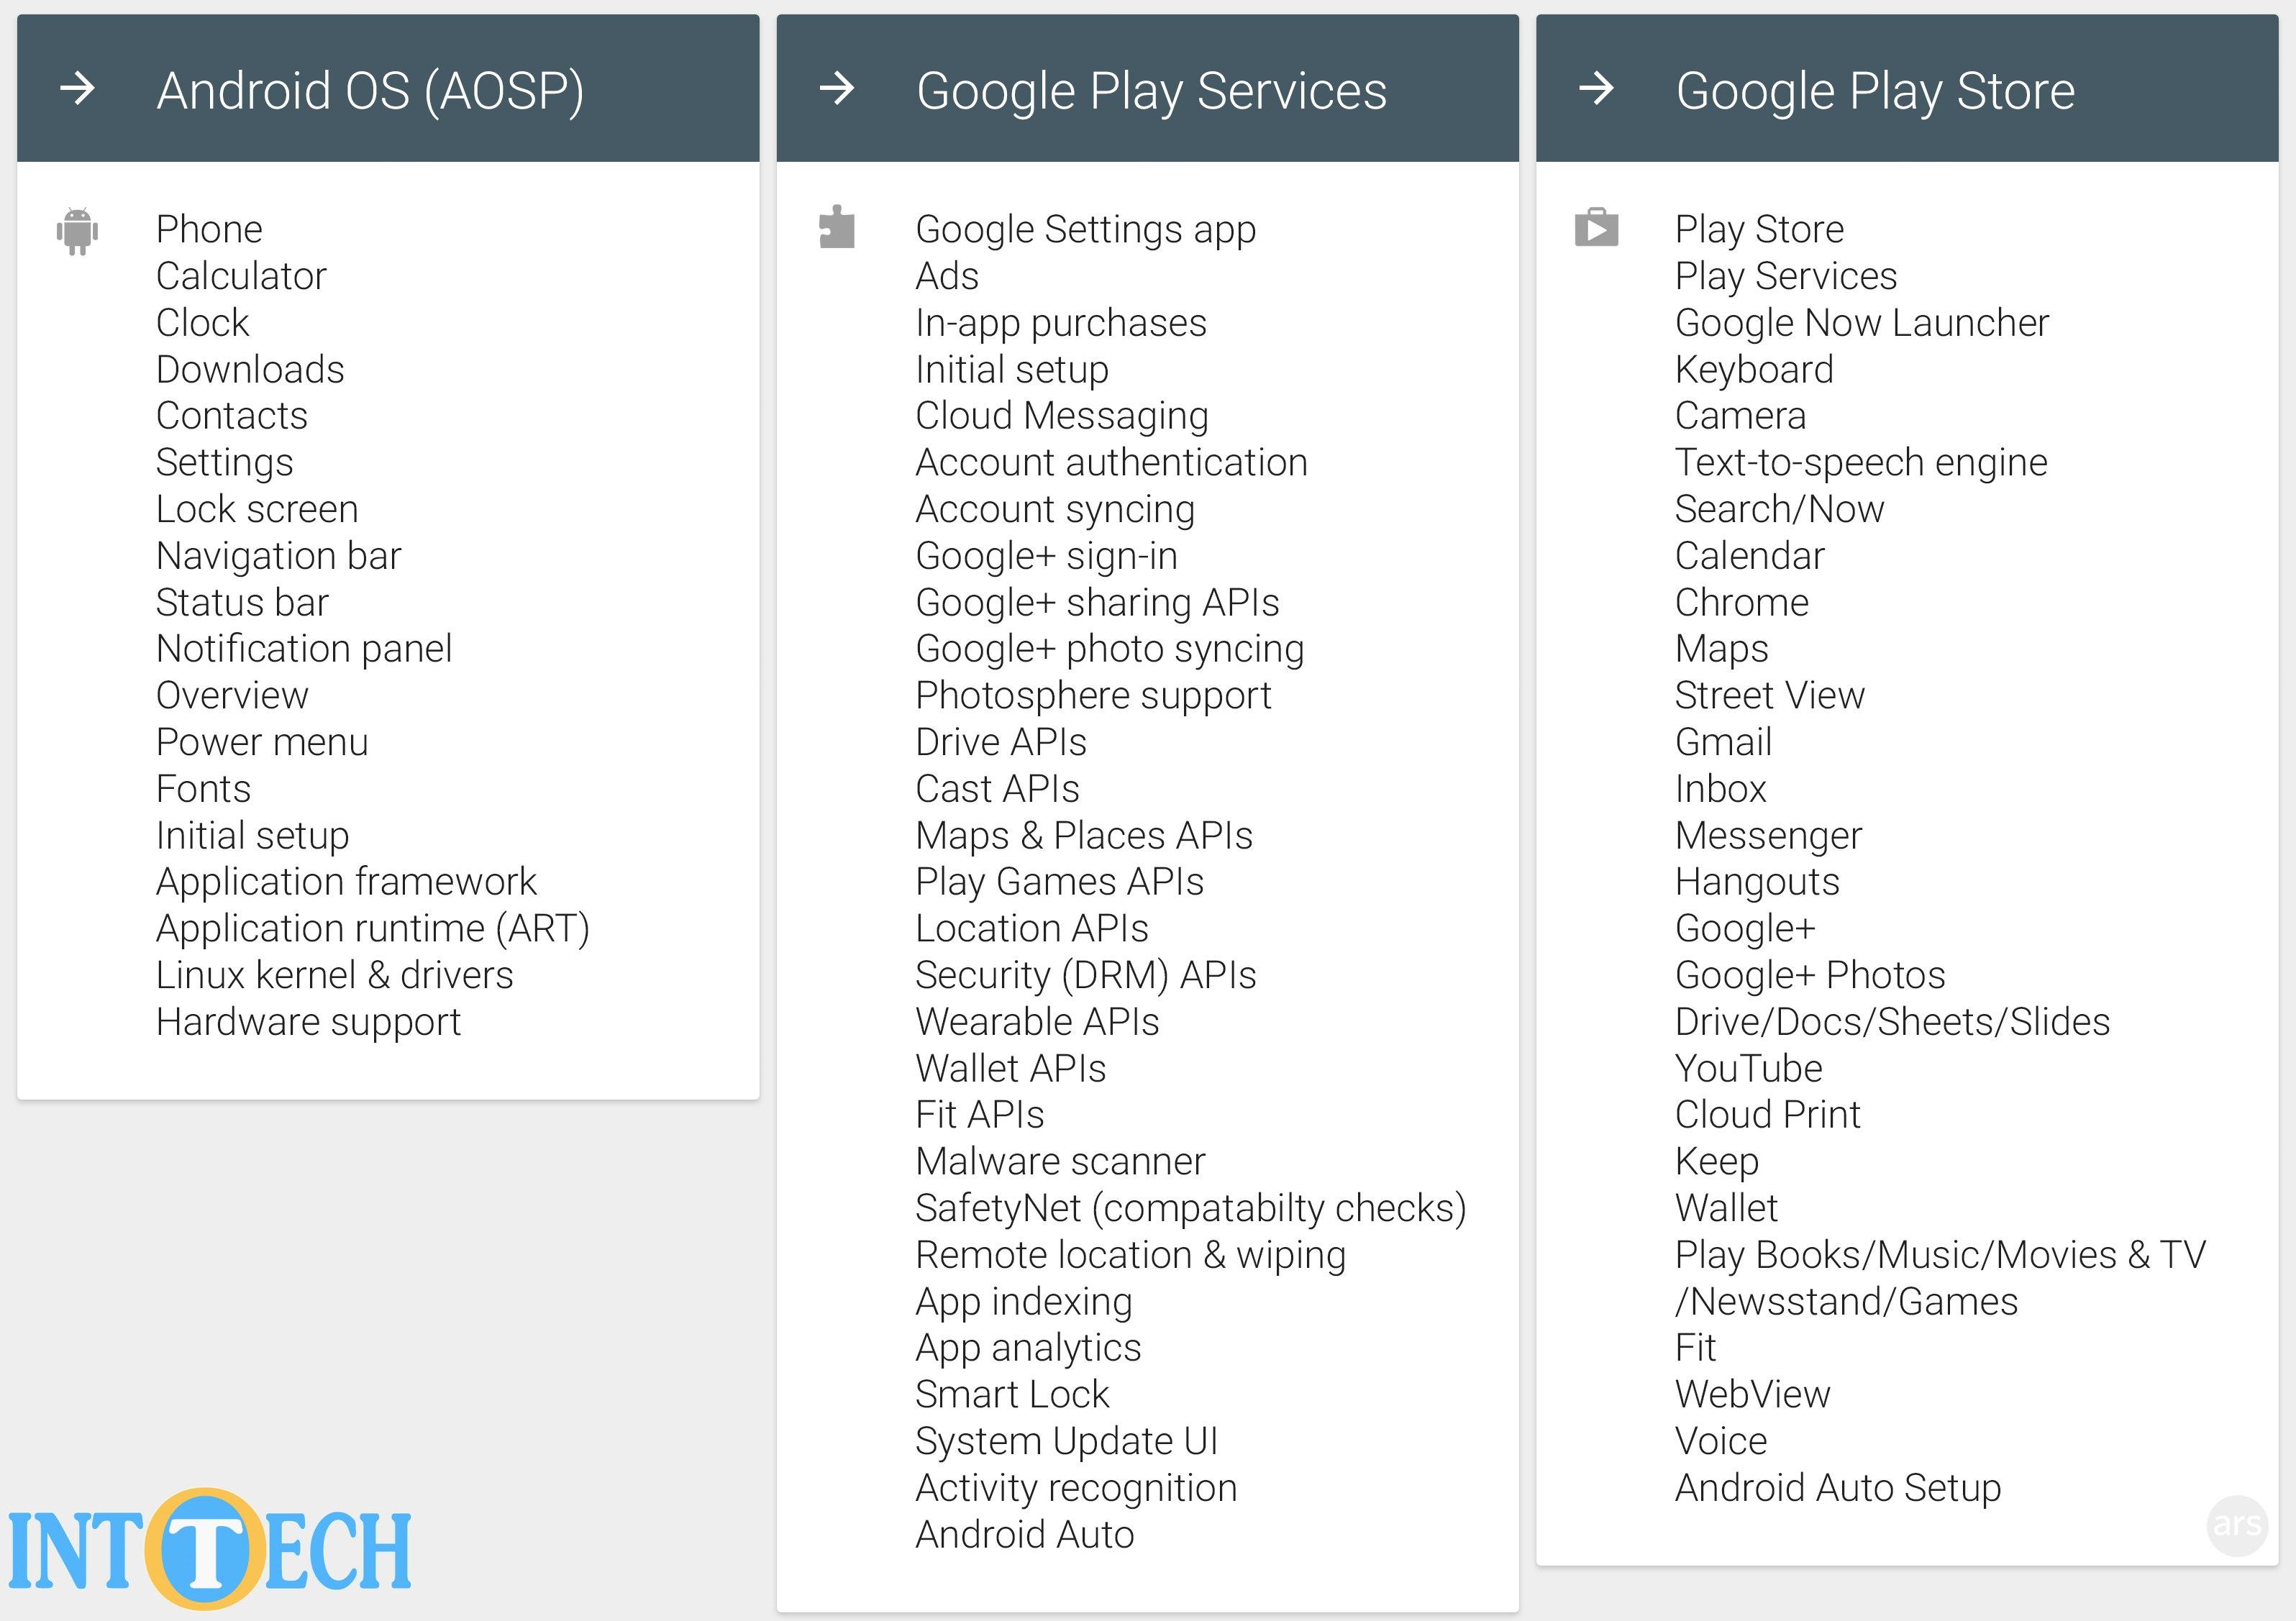 لیستی از سرویسها و APIهای گوگل پلی و AOSP